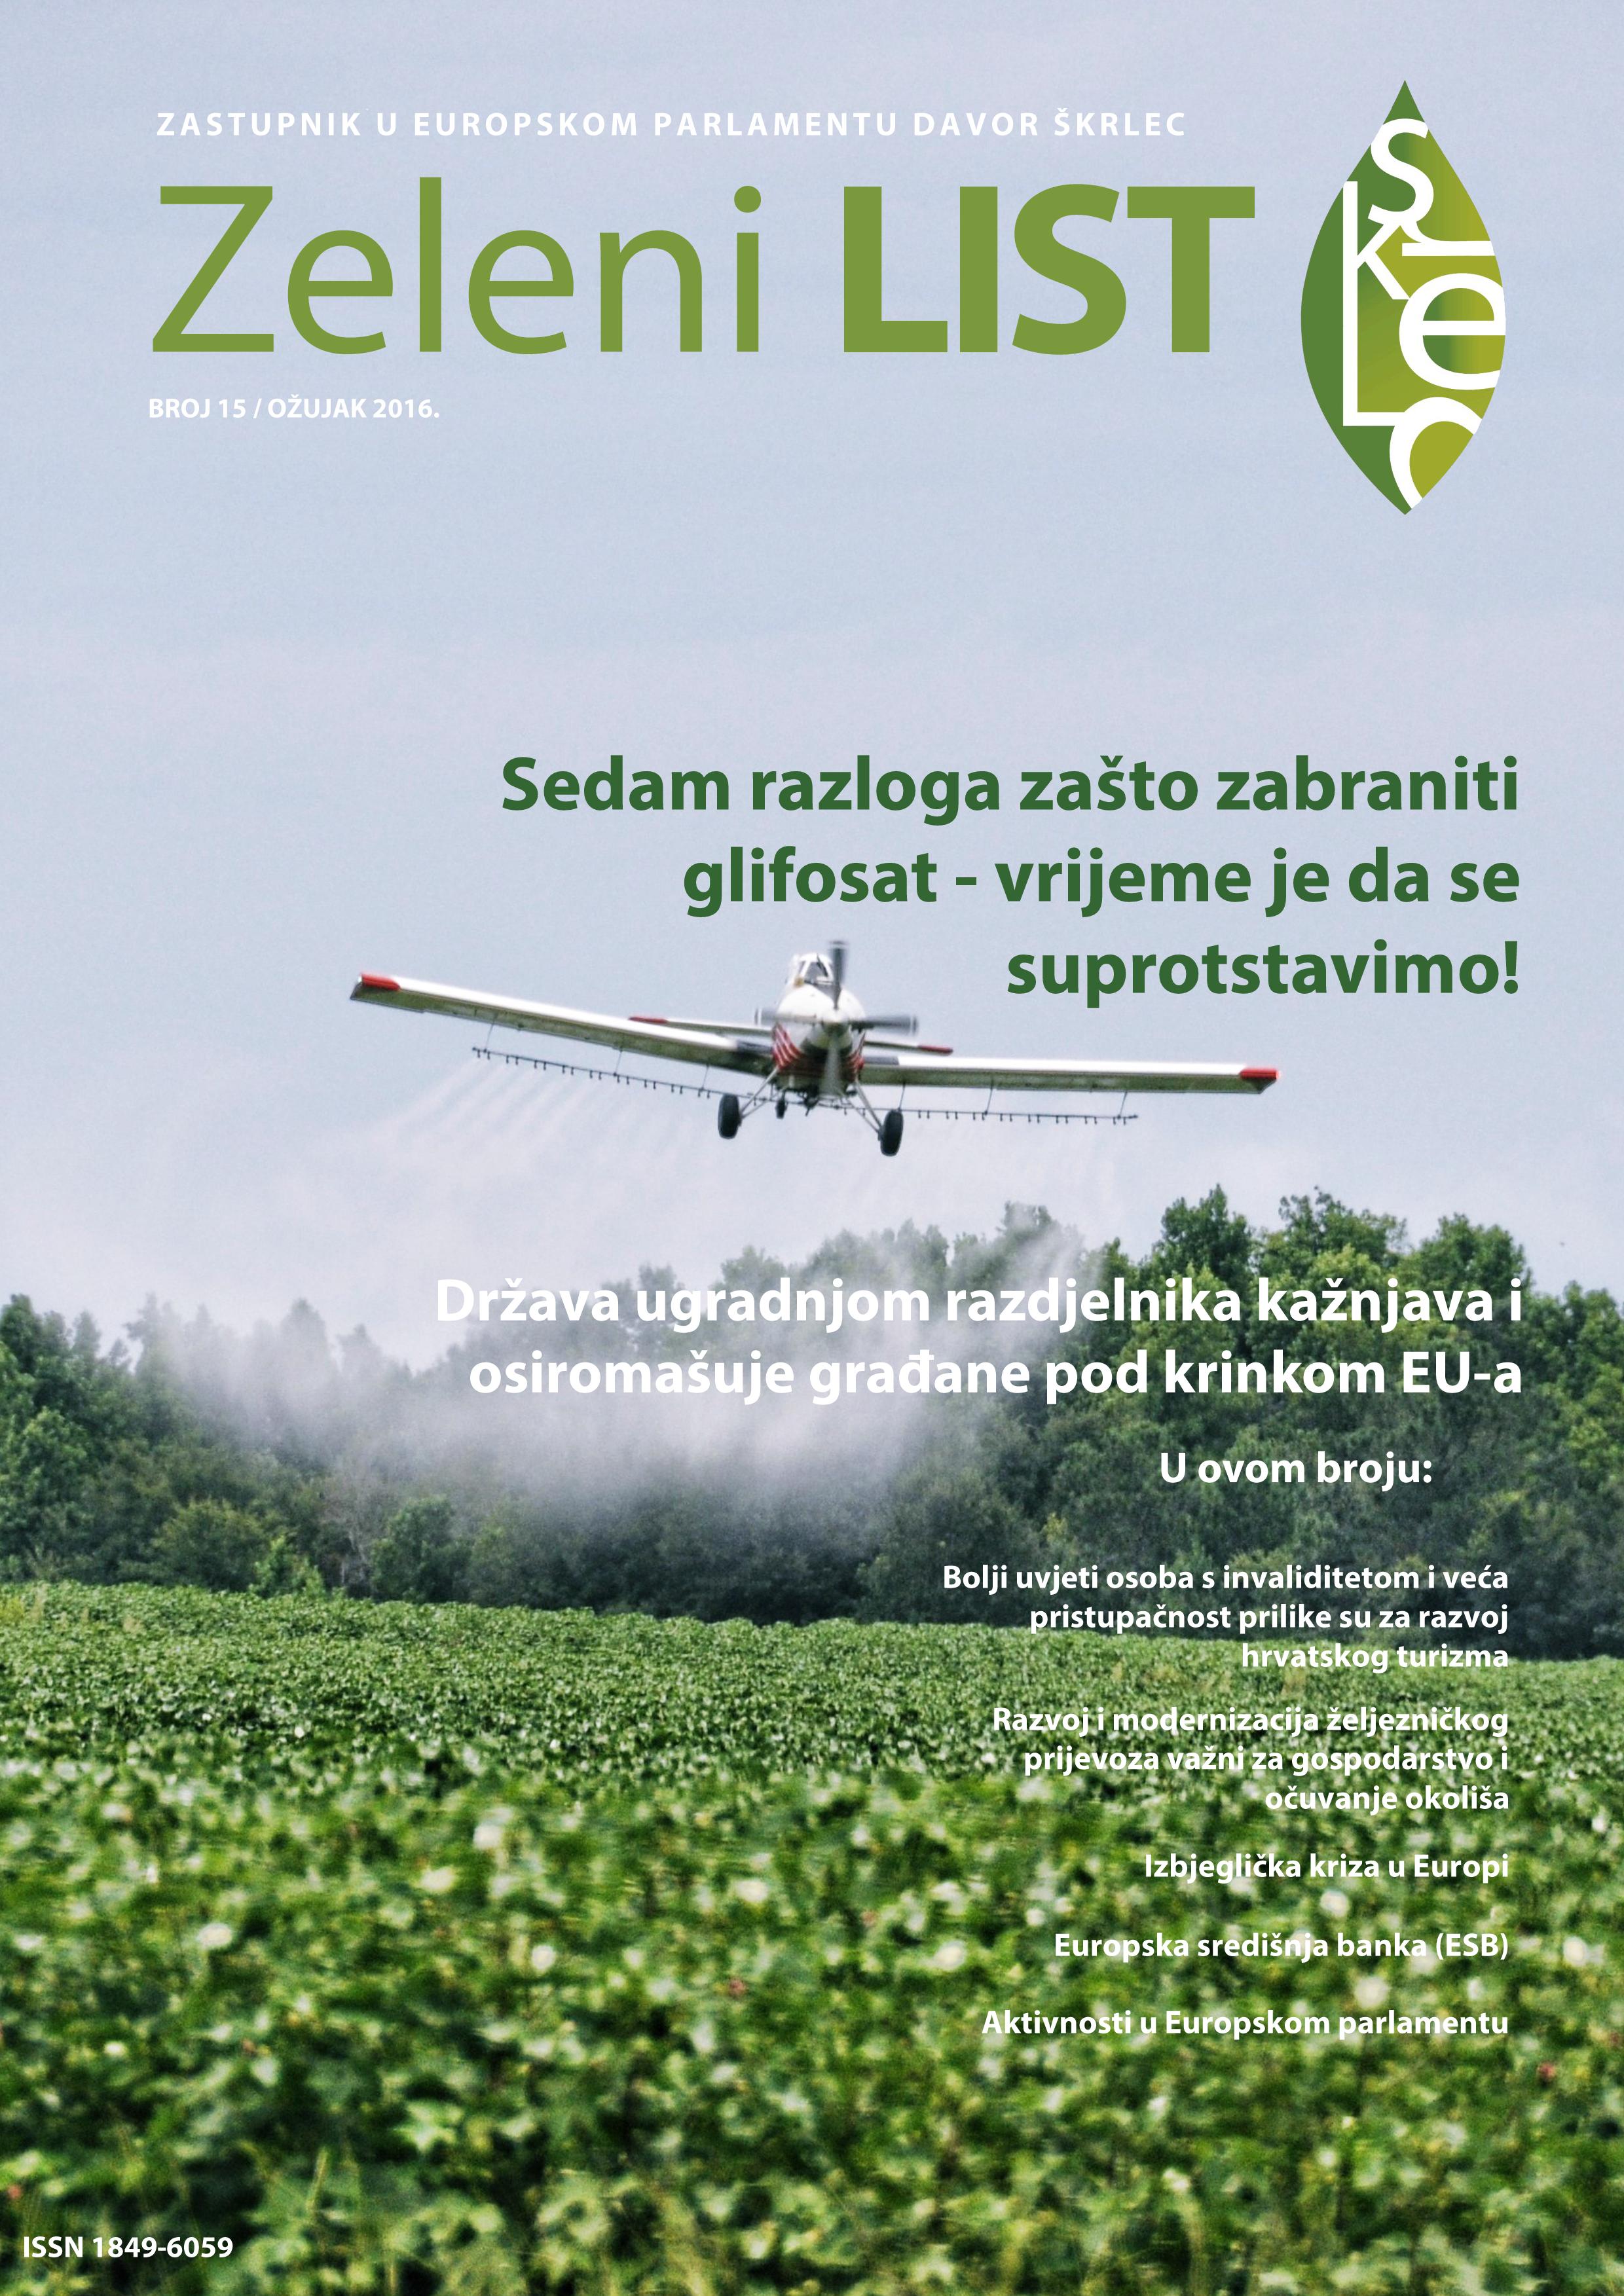 Zeleni list - ozujak 2016